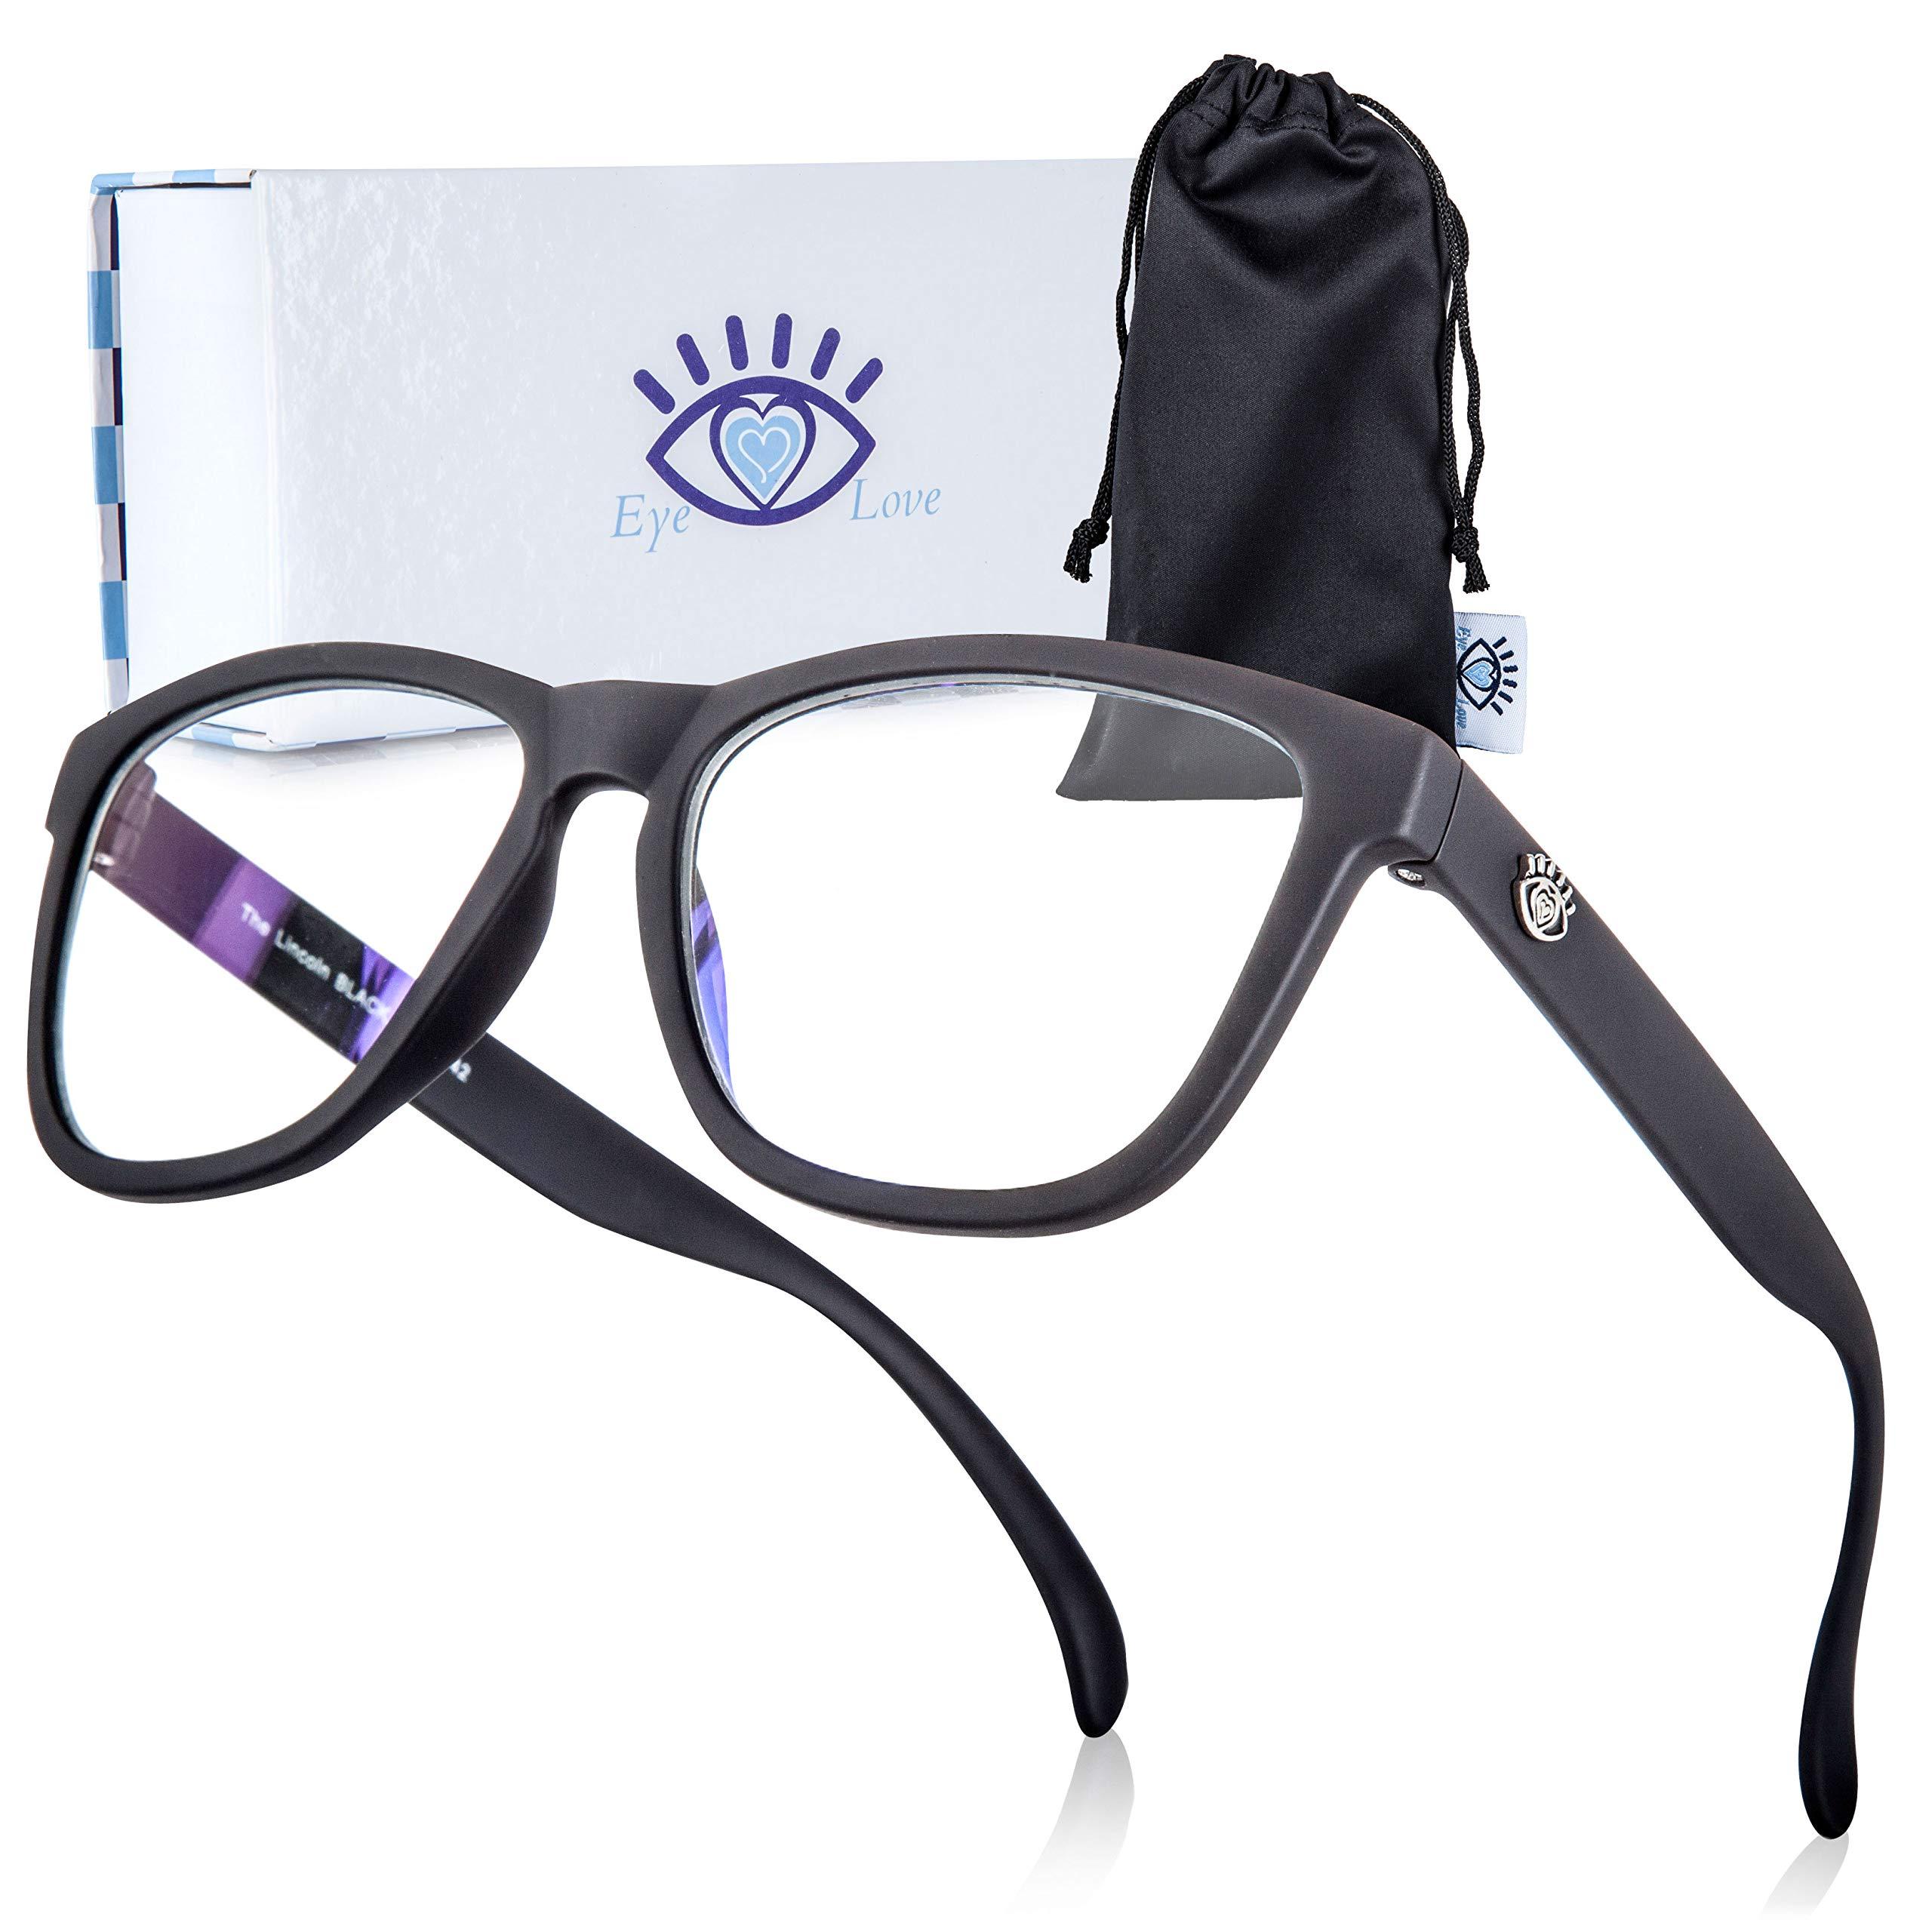 Blue Light Blocking Glasses for Women & Men | Eye Glasses for Computer & Gaming